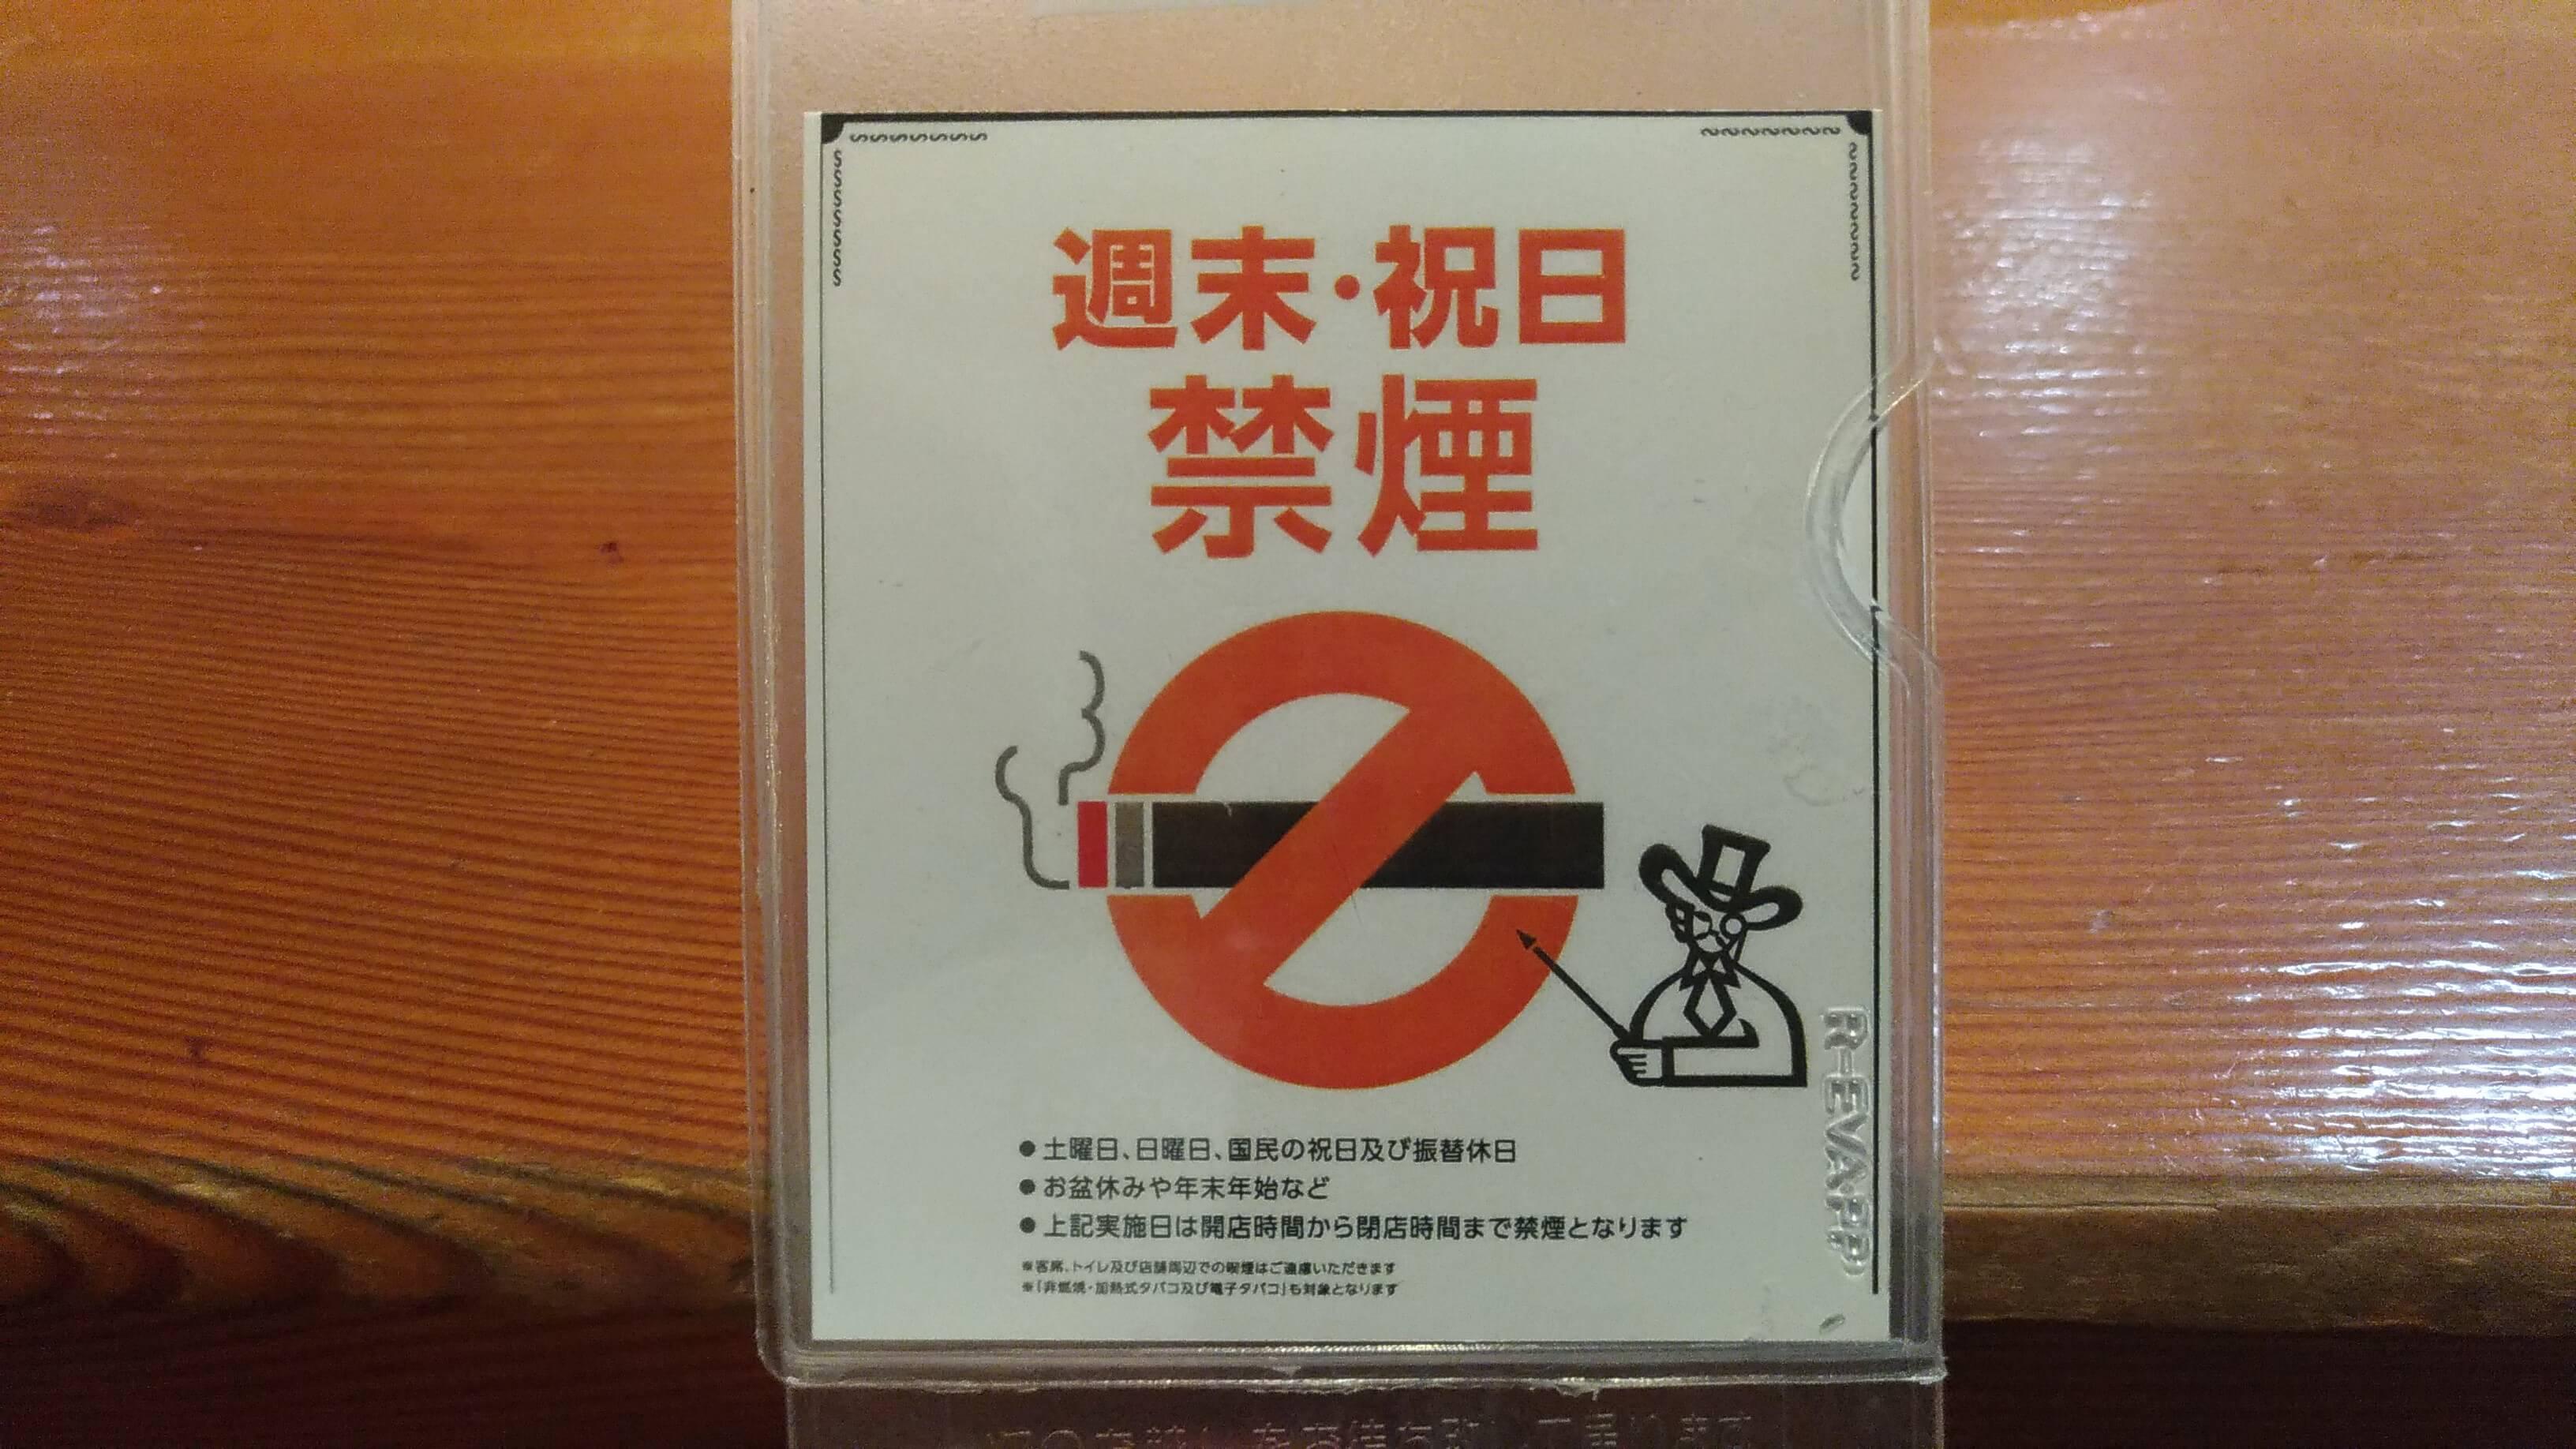 コメダ珈琲本店は週末祝日禁煙